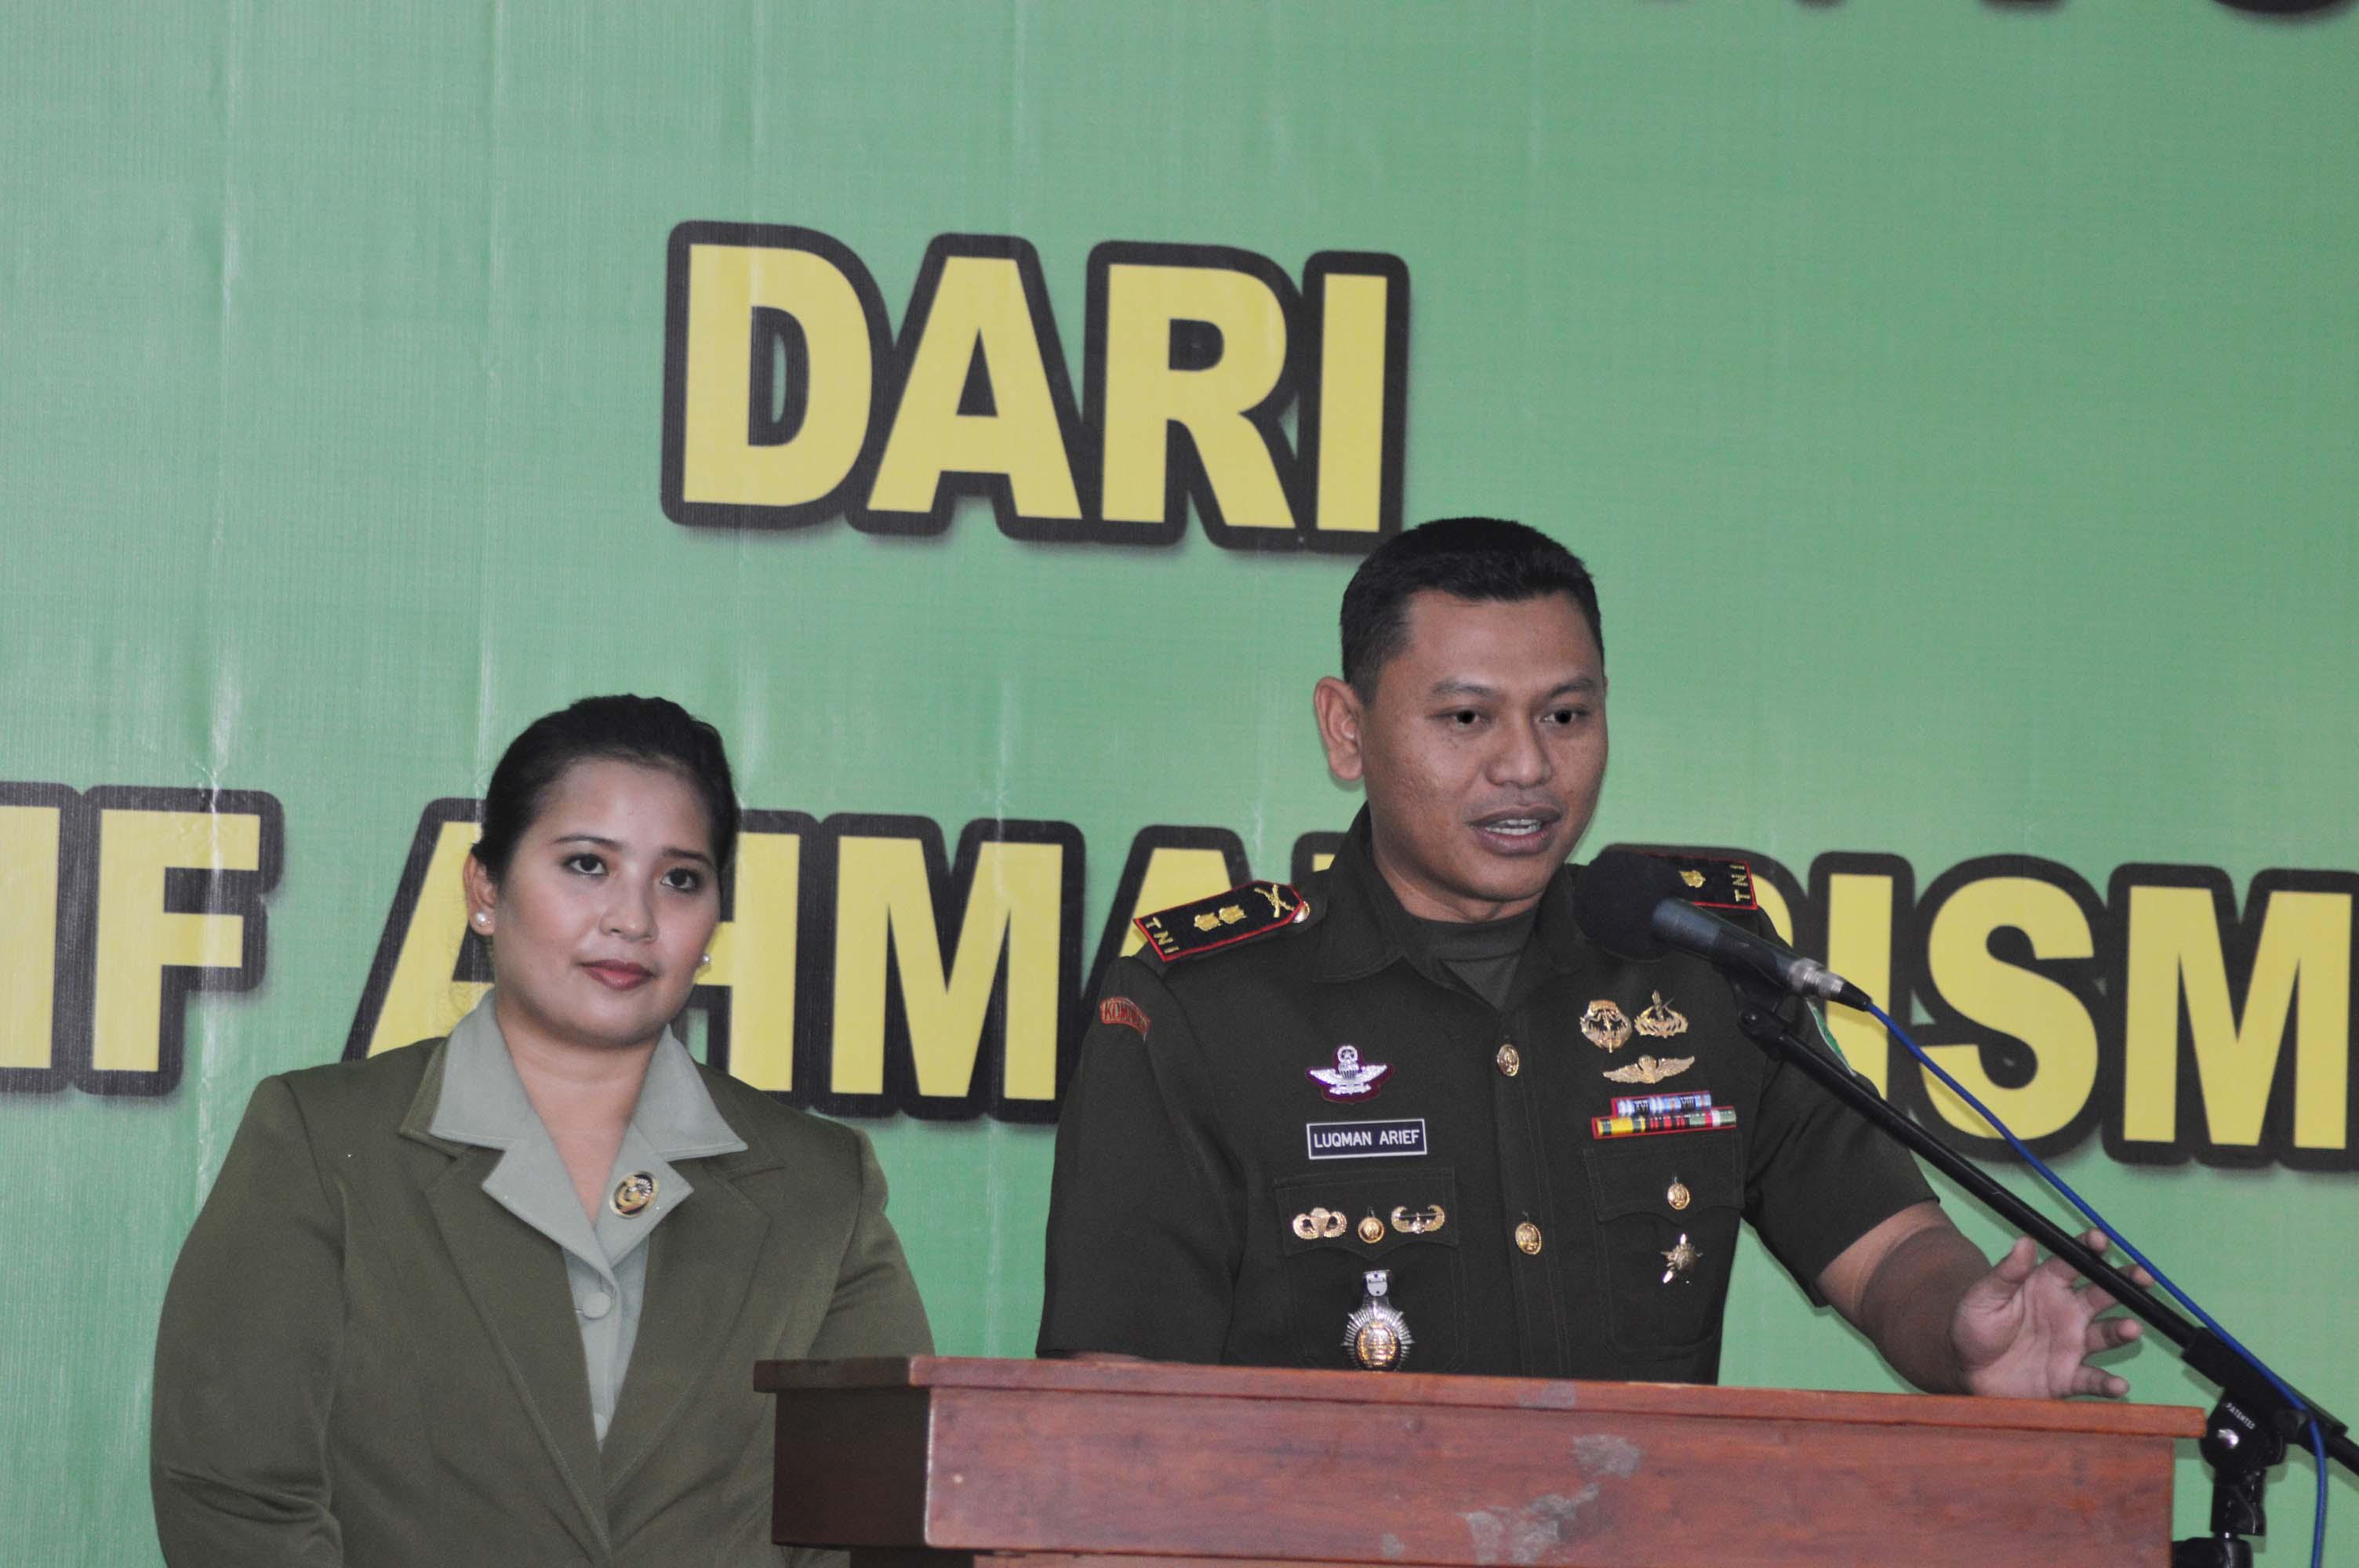 Dandim Baru Letkol Inf. Luqman Arief